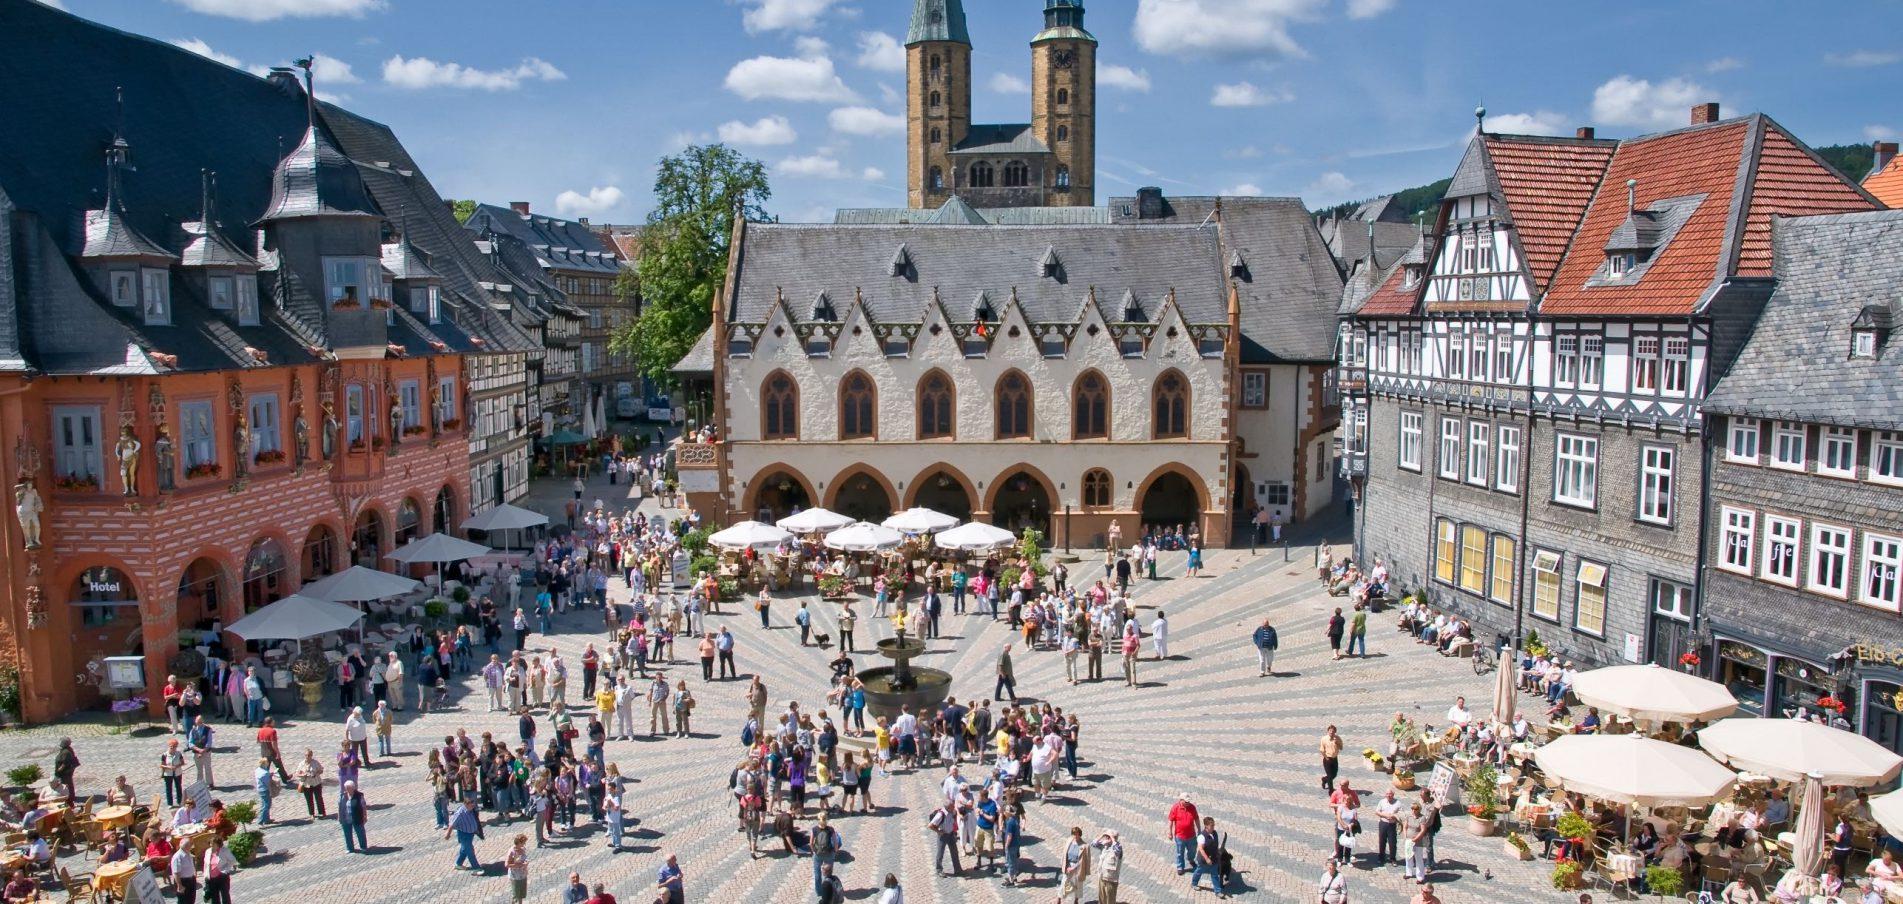 Willkommen im Harz ...Geschichte an jeder Ecke!